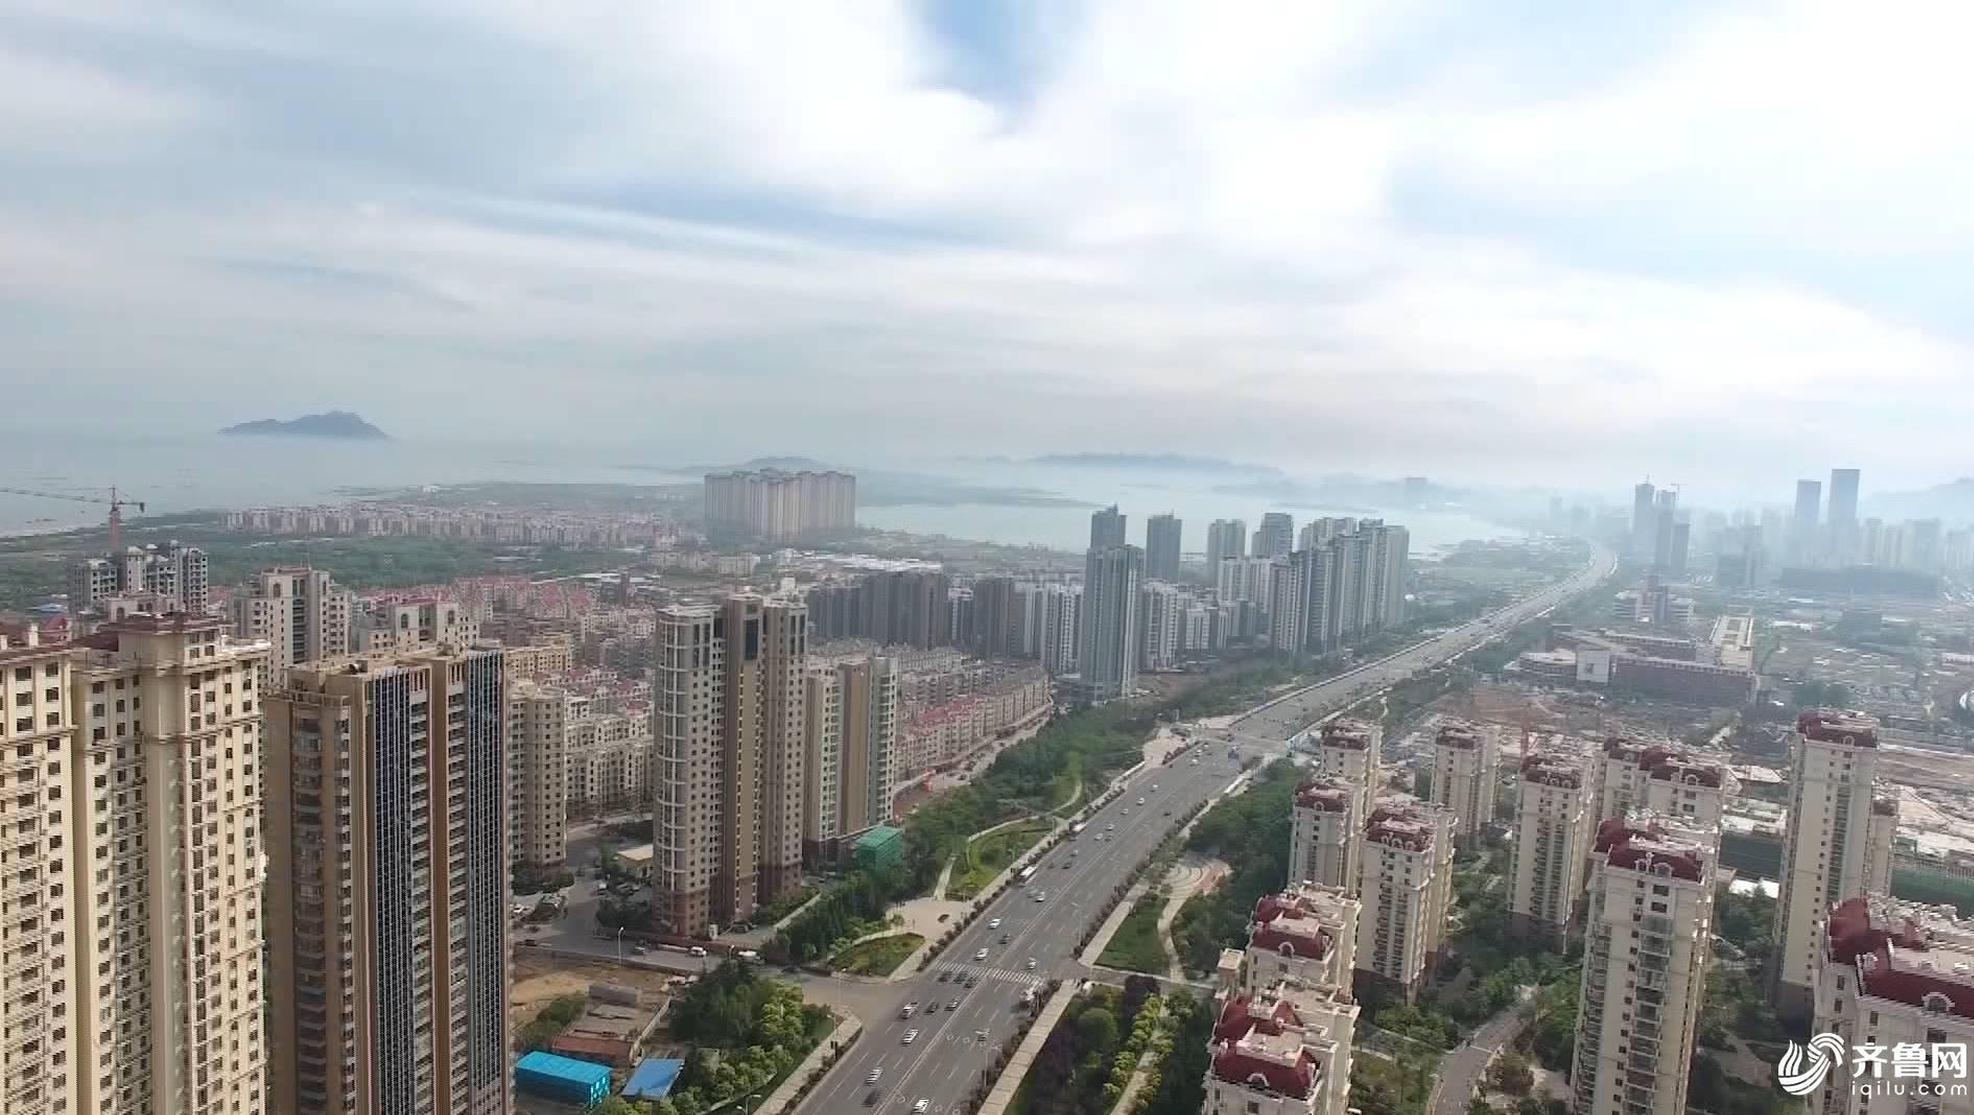 记者调查:多地楼市春节持续转冷 济南楼盘形势向好